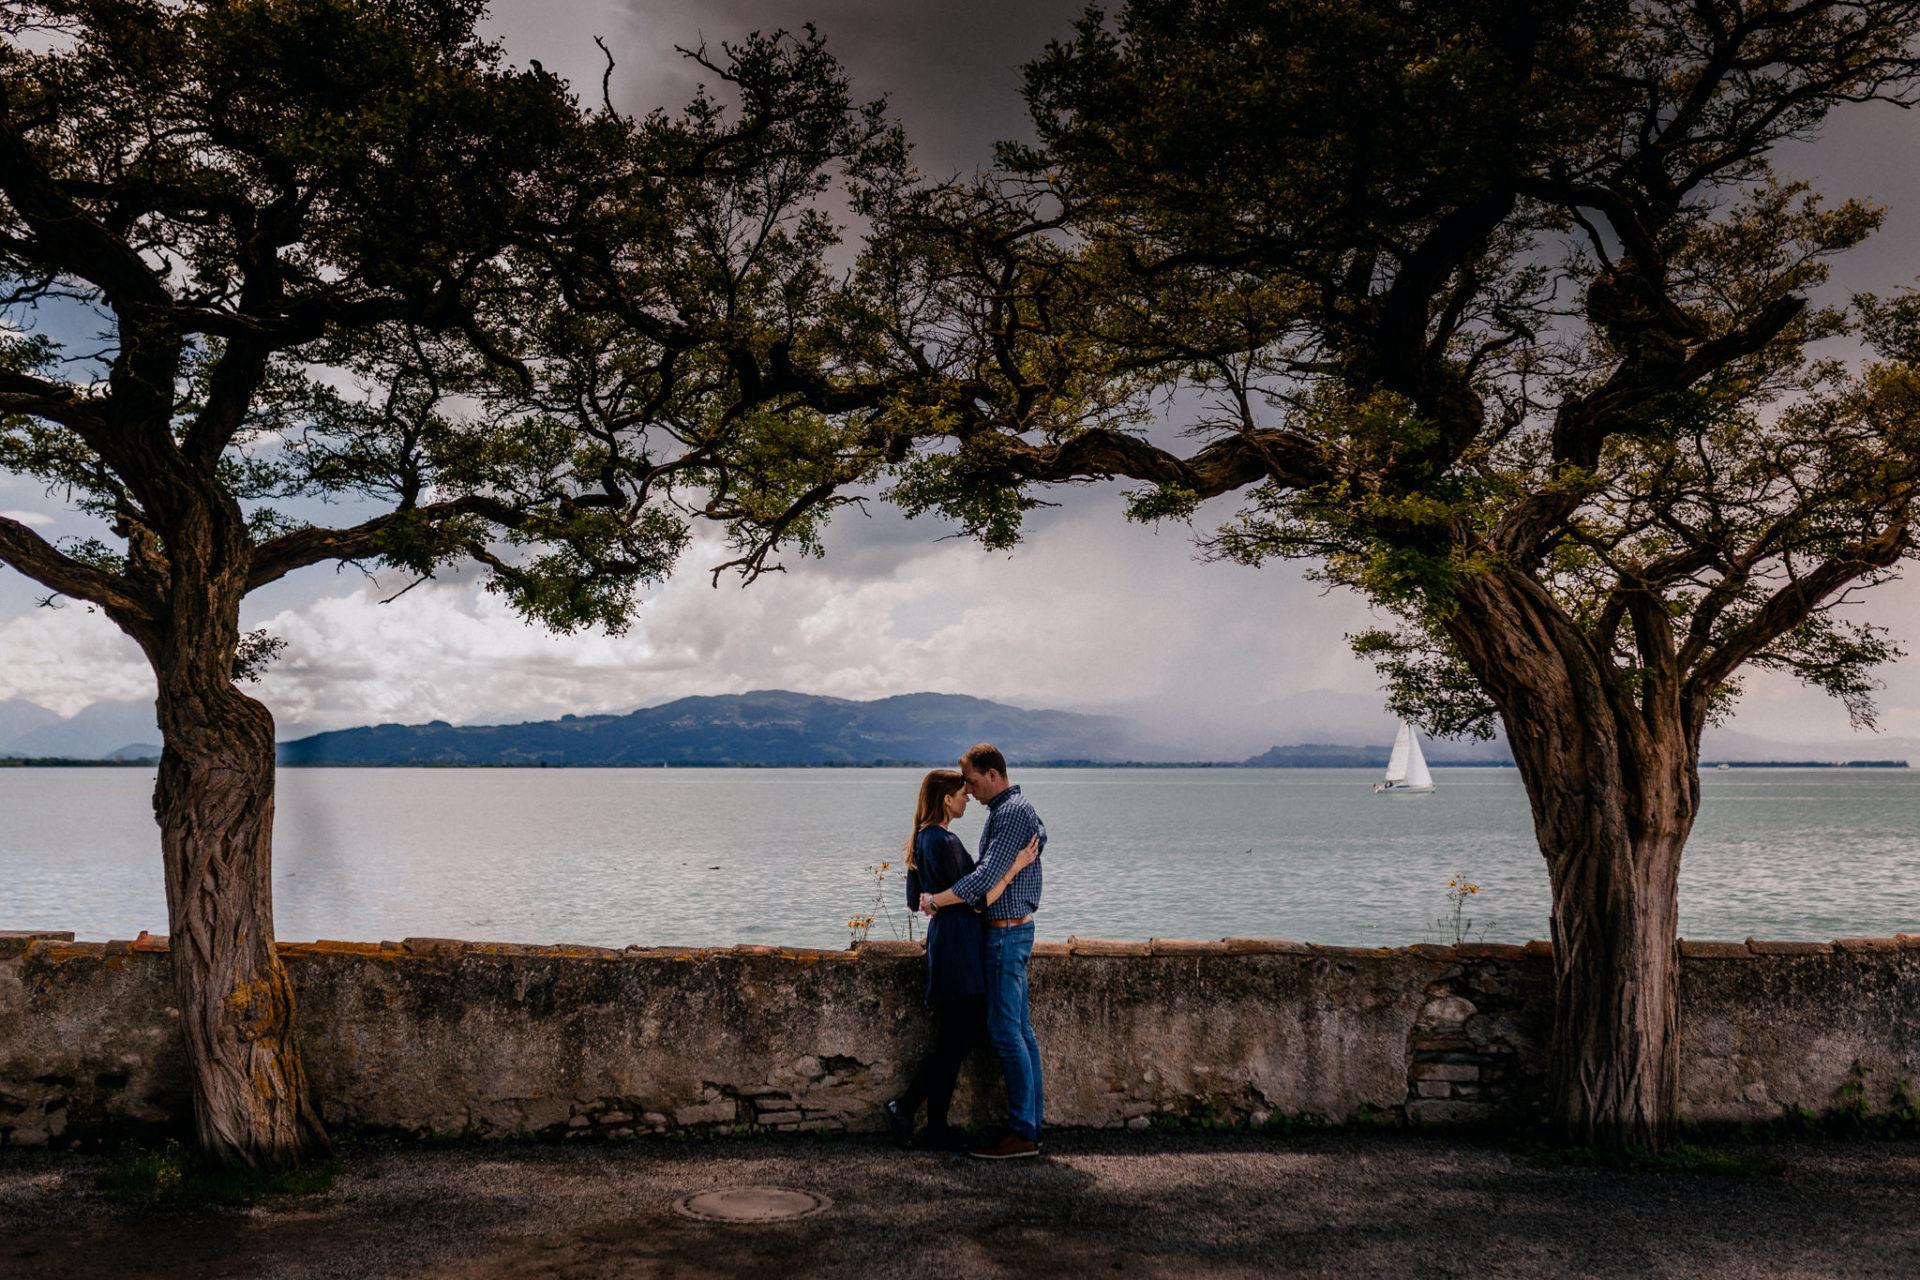 Hochzeitsfotograf Österreich-Bodensee Verlobungsbilder-Lindau Paarshooting-ungestellte portraits-kreative Hochzeitsreportagen-Bodenseehochzeit